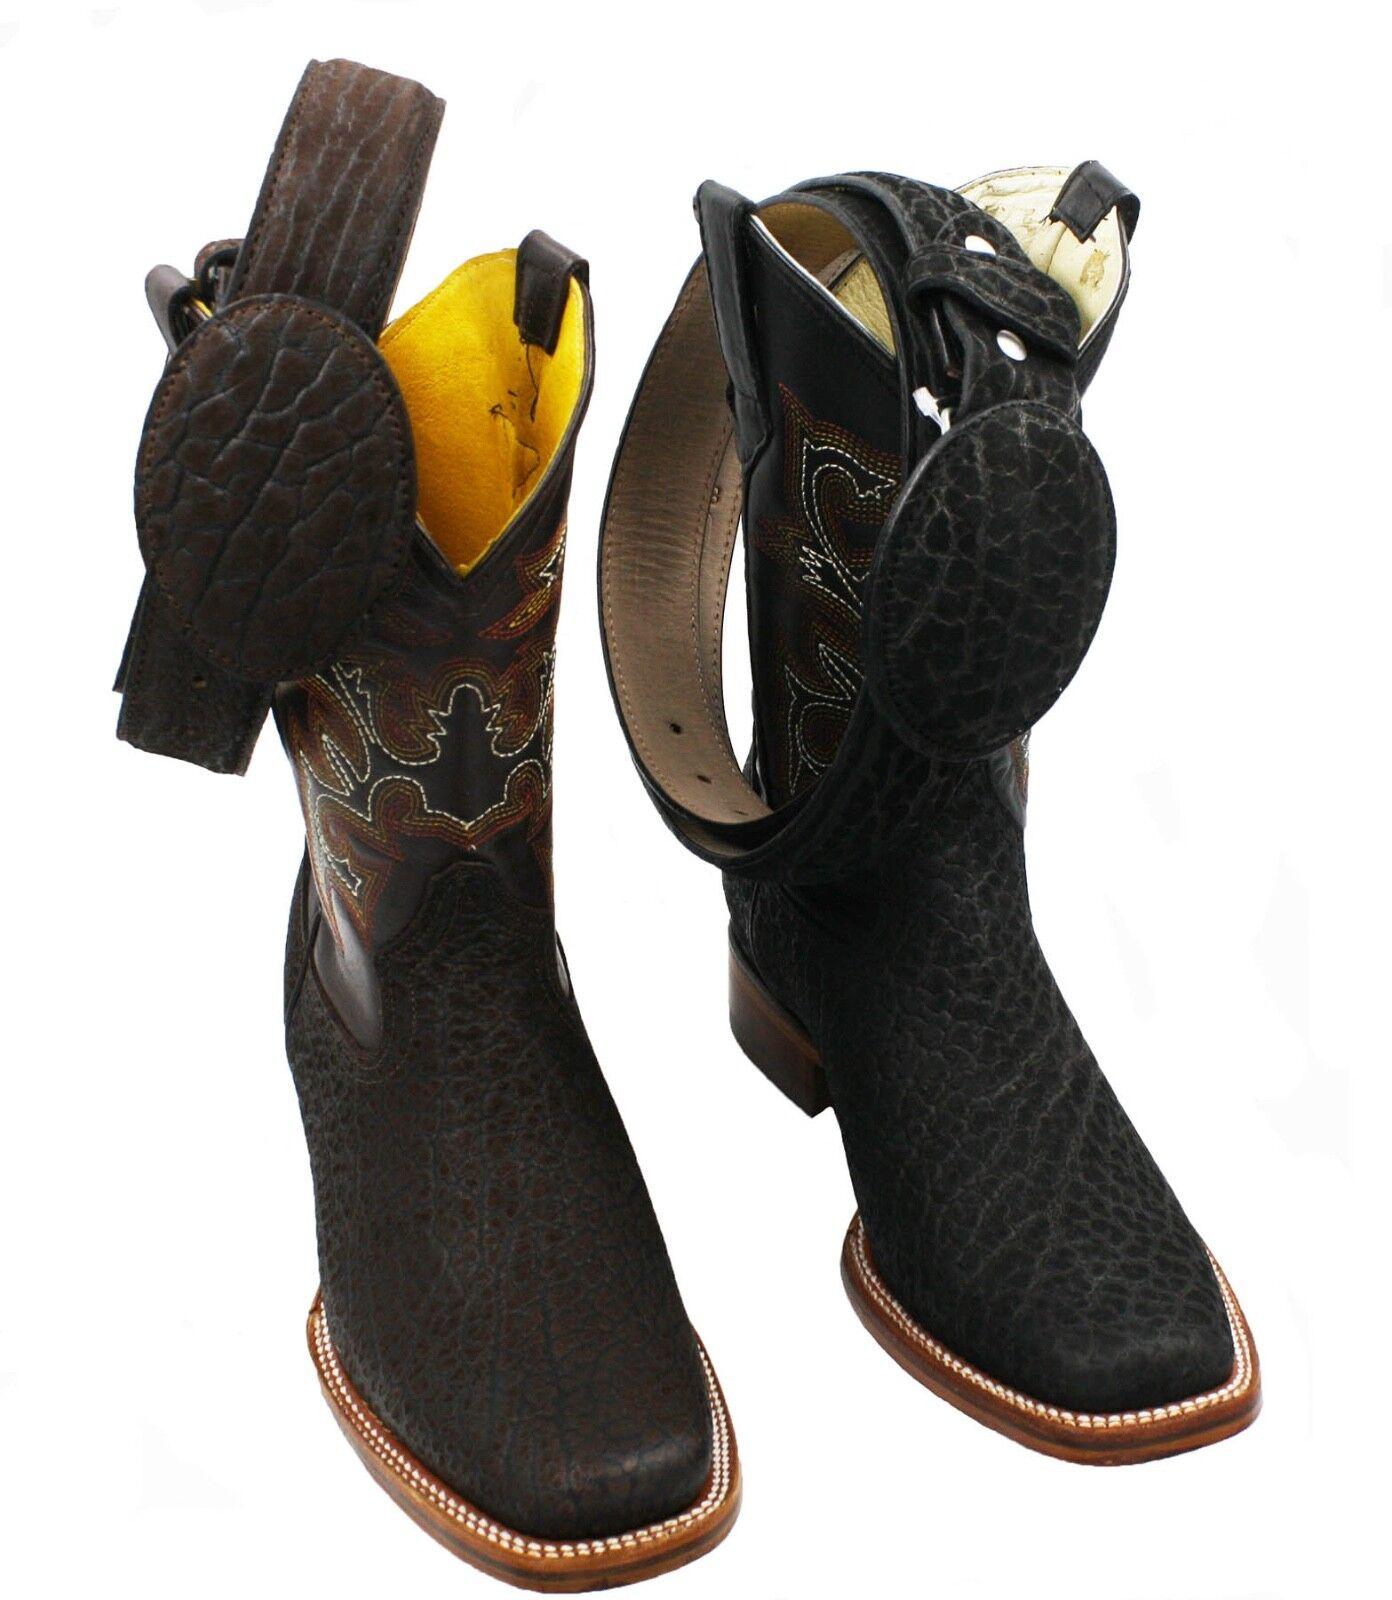 promozioni di squadra Uomo Genuine Bull Bull Bull (Toro) Leather Cowboy Western Rodeo Toe stivali -Free Belt  negozio online